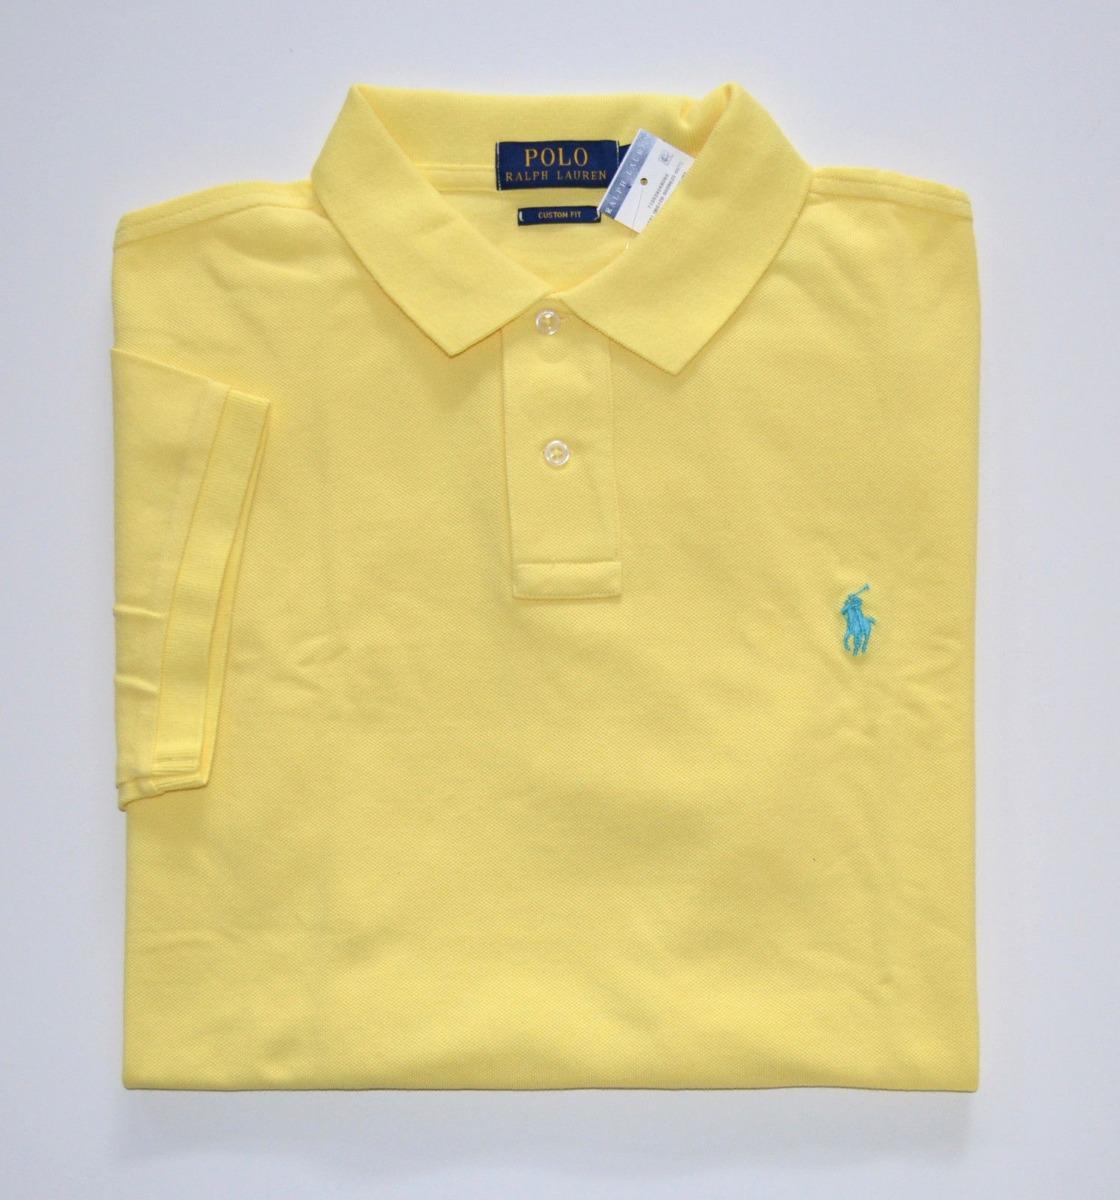 camisa polo ralph lauren tamanho gg xl original custom fit. Carregando zoom. 1e4206c65ef